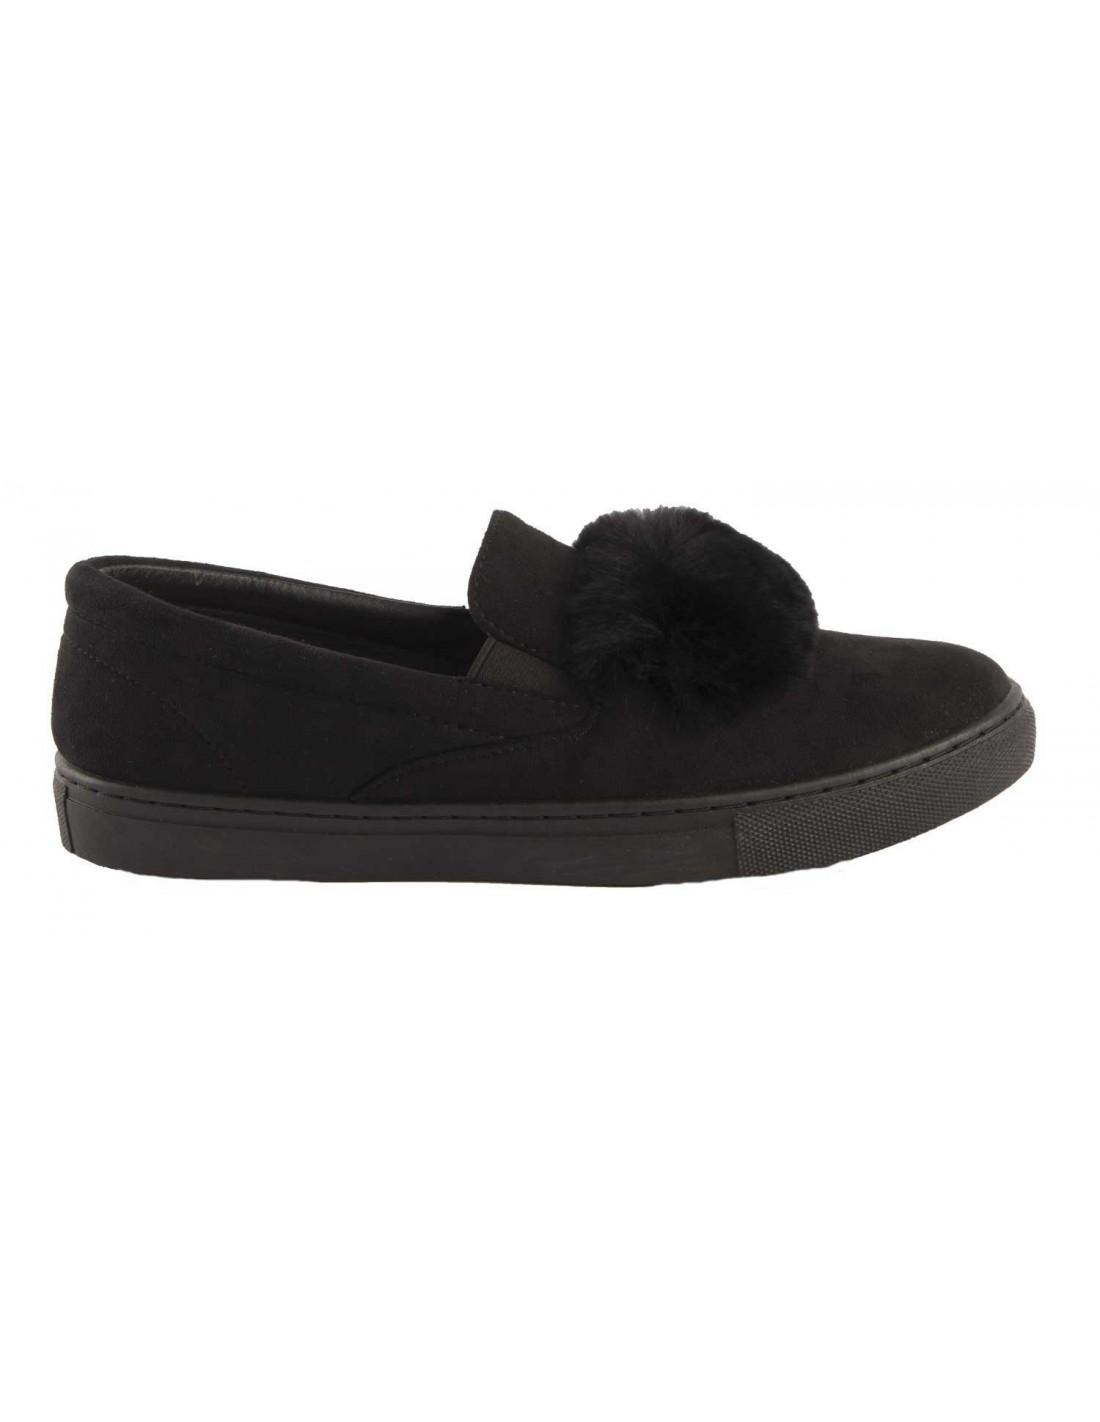 style moderne acheter mieux comparer les prix Baskets femme fourrure noir Slip on noire & bande fourrure ...